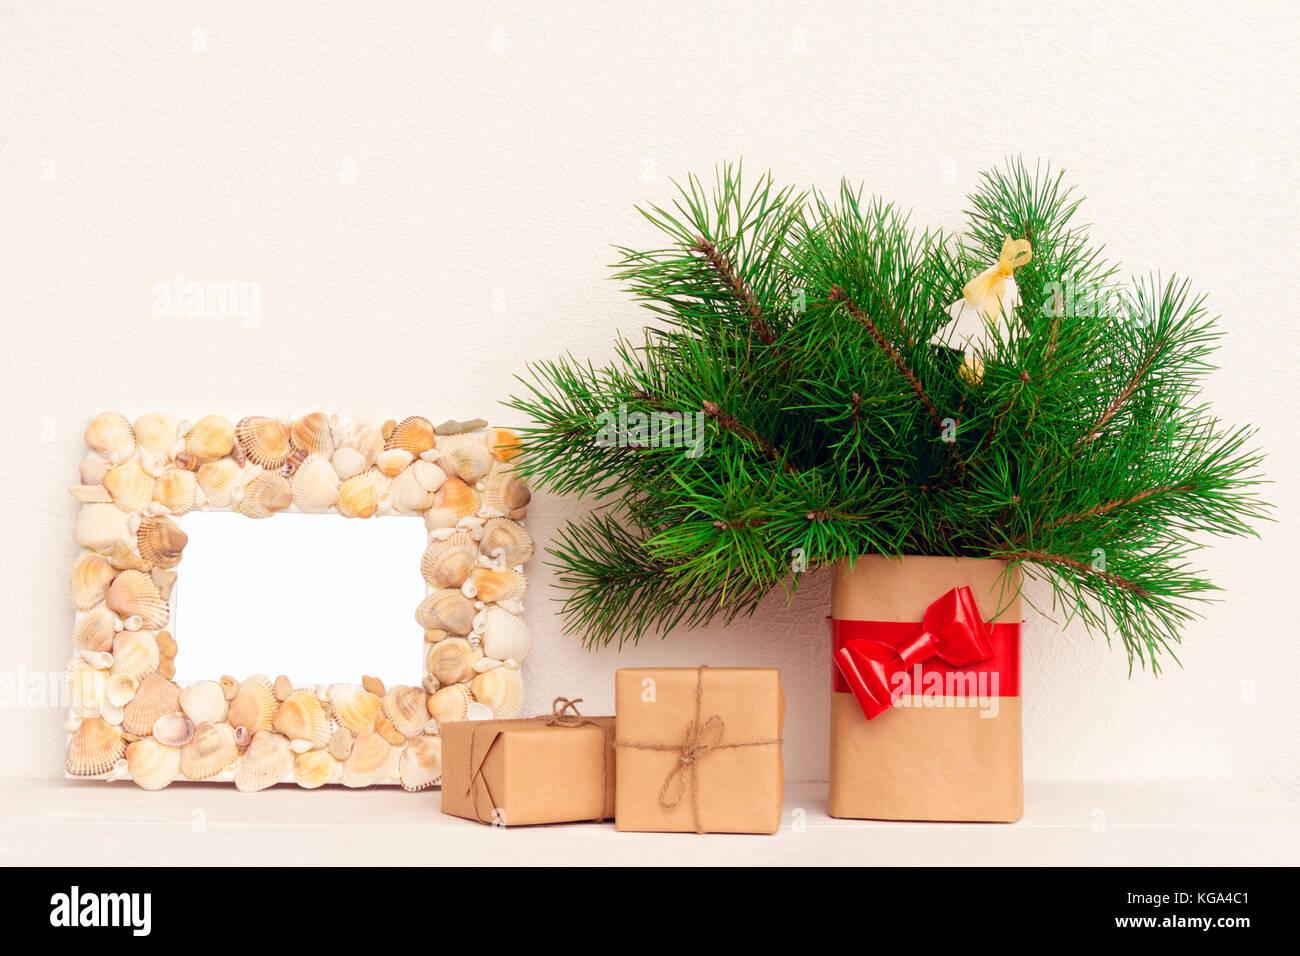 Bilderrahmen, Weihnachten Geschenke auf Holztisch Stockfoto, Bild ...